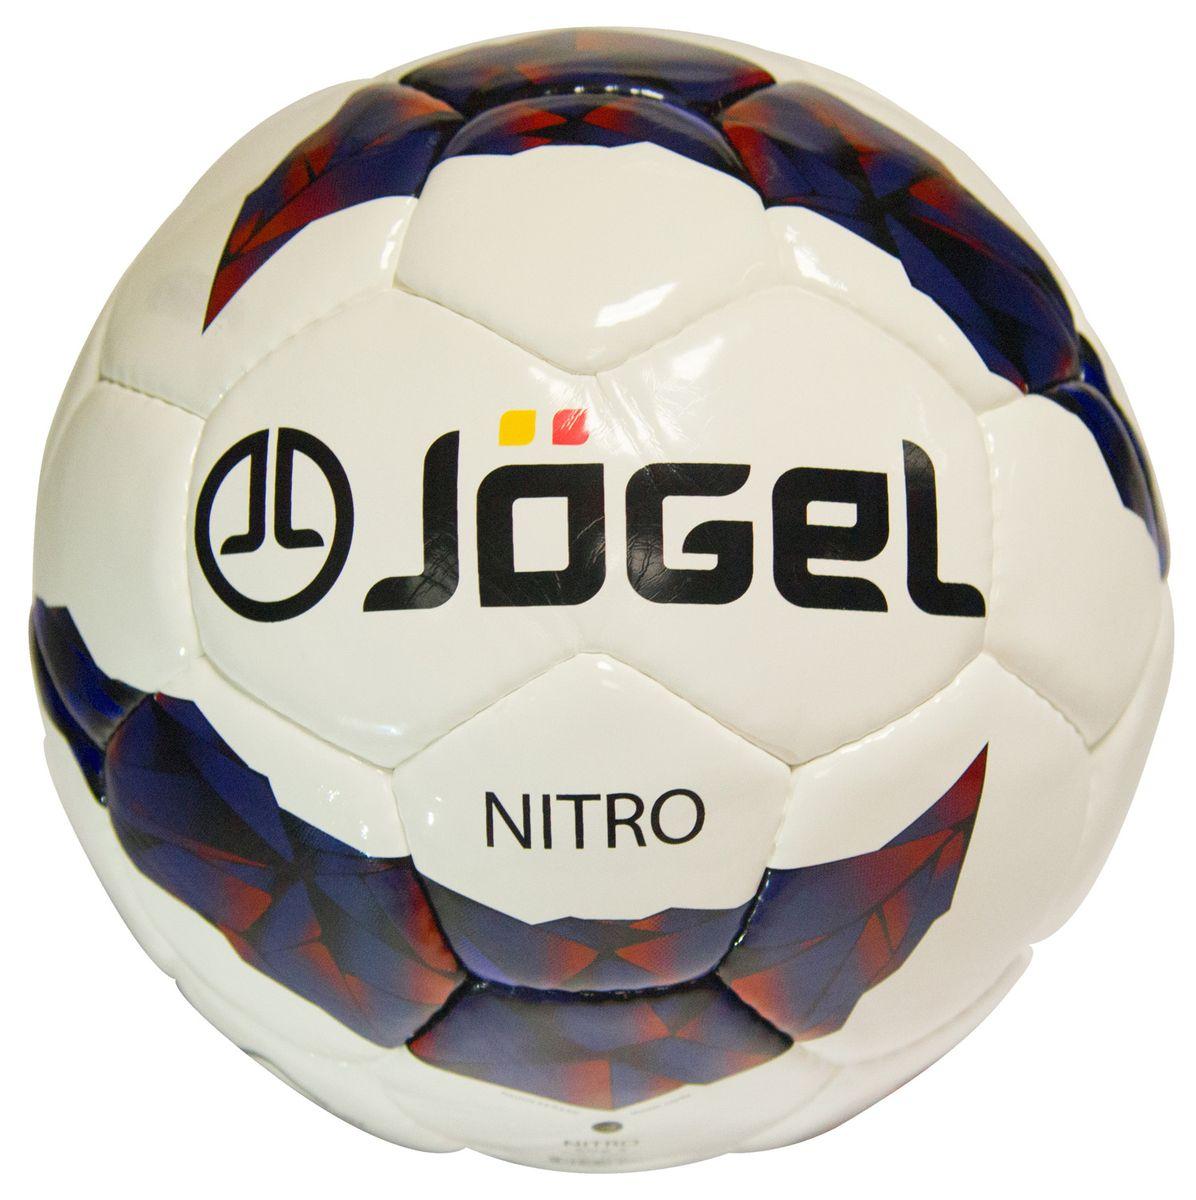 Мяч футбольный Jogel Nitro, цвет: белый, синий, бордовый. Размер 5. JS-700BFB-301 dark blueФутбольный мяч Jogel JS-700 Nitro превосходно подходит для тренировочного уровня. Он имеет прочную покрышку из синтетической кожи, сшитой вручную. Мяч имеет отличные технические характеристики, соответствующие требованиям тренировочного процесса. Предусмотрено 4 подкладочных слоя из смеси хлопка с полиэстером и латексная камера, которая хорошо держит давление. Мяч Jogel JS-700 Nitro станет отличным выбором для тренировок и проведения любительских матчей.Вес: 410-450 гр.Длина окружности: 68-70 см.Рекомендованное давление: 0.6-0.8 бар.УВАЖАЕМЫЕ КЛИЕНТЫ!Обращаем ваше внимание на тот факт, что мяч поставляется в сдутом виде. Насос в комплект не входит.